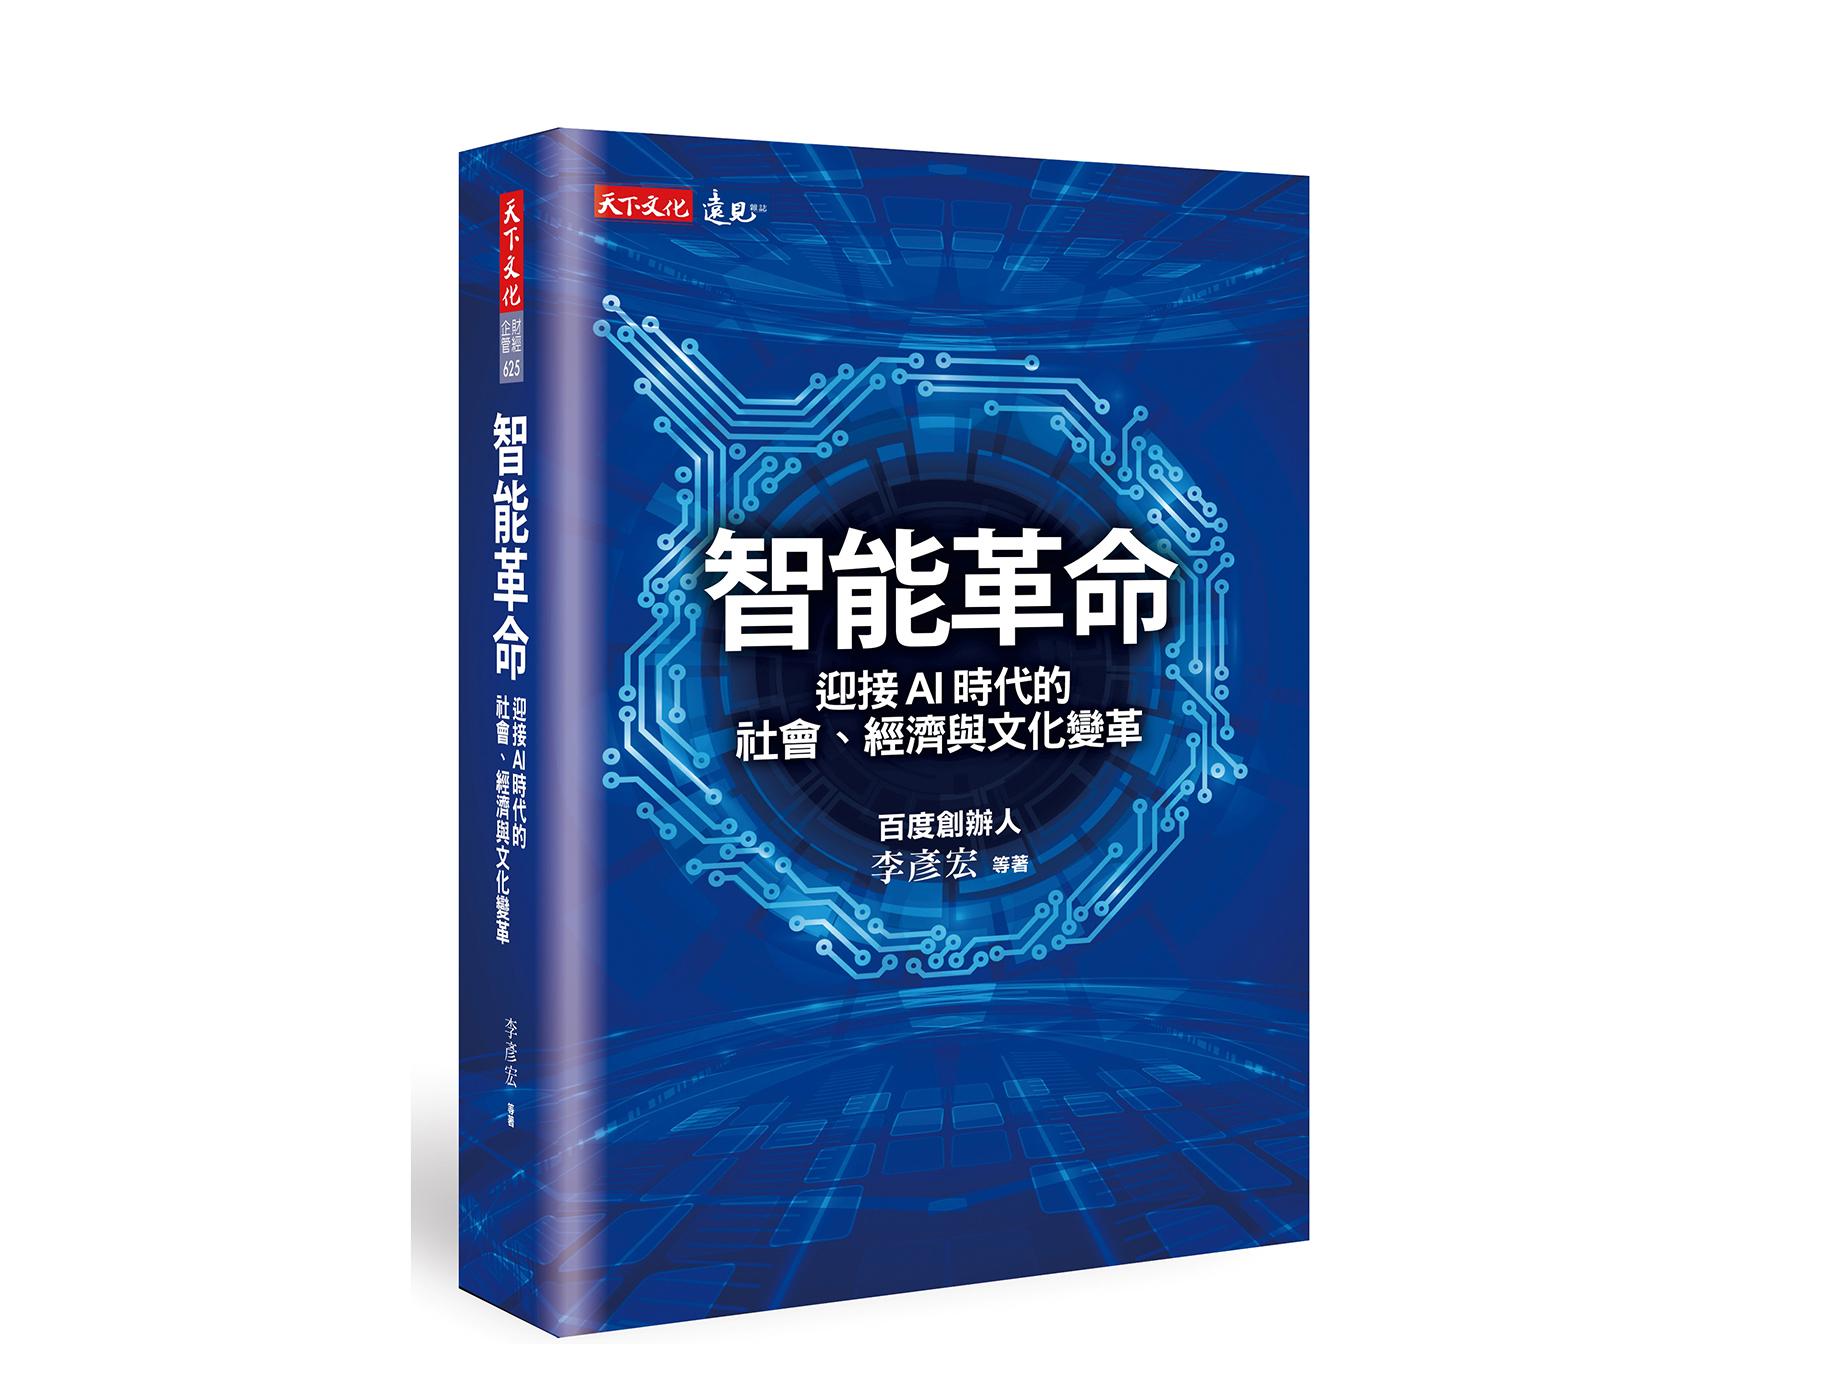 新書搶先看》李彥宏(百度創辦人):4階段,企業啟動AI創新飛輪